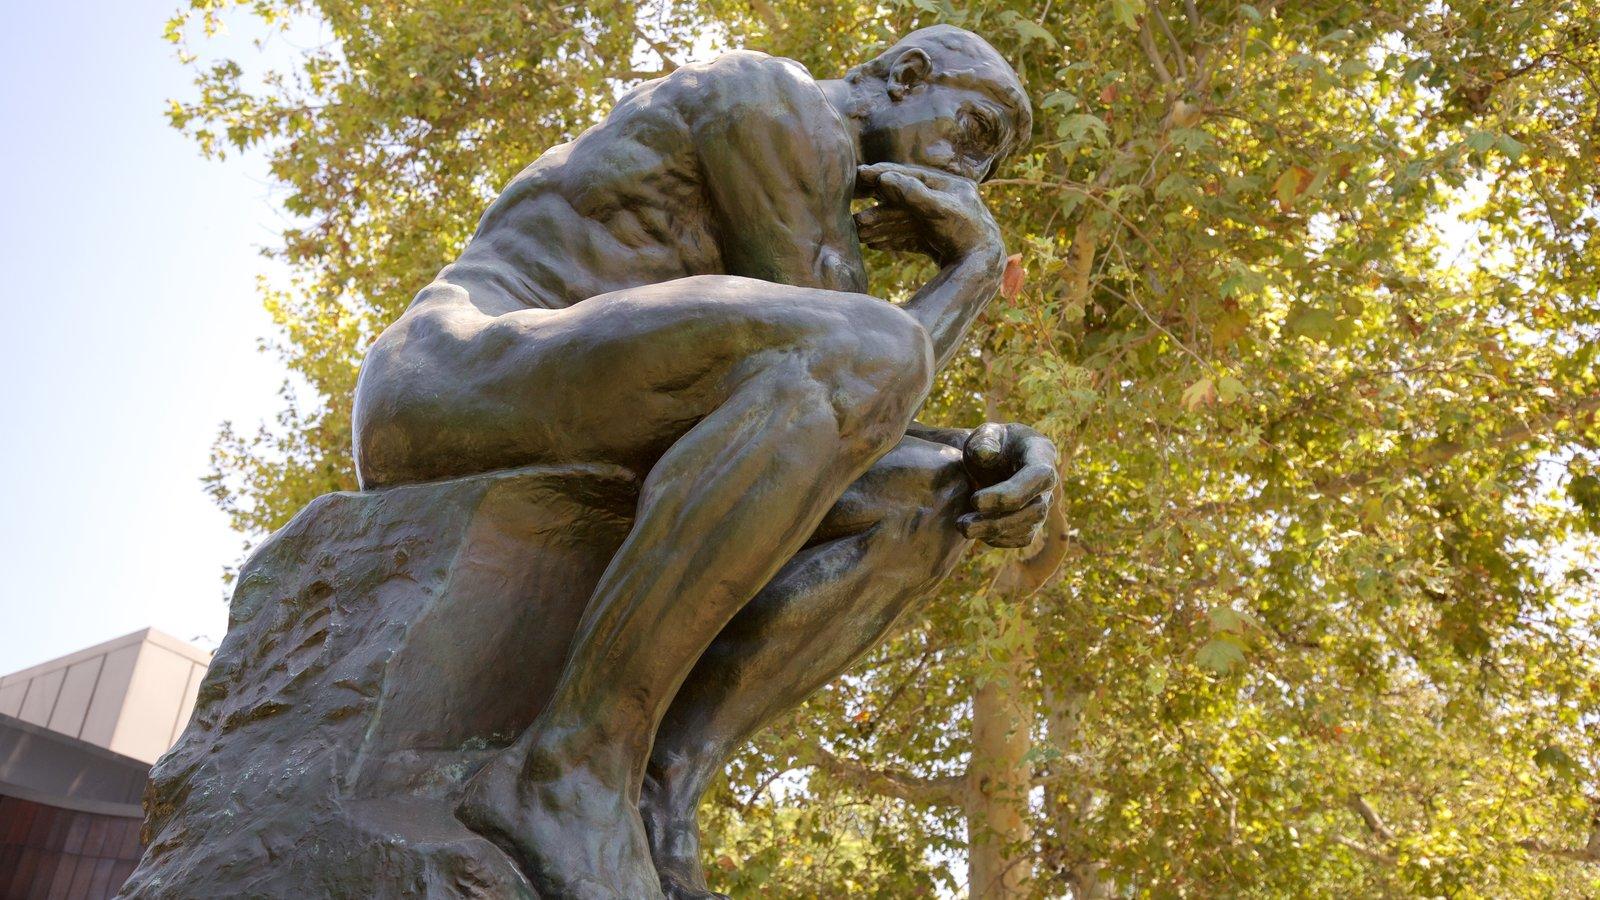 Museu Norton Simon caracterizando uma estátua ou escultura